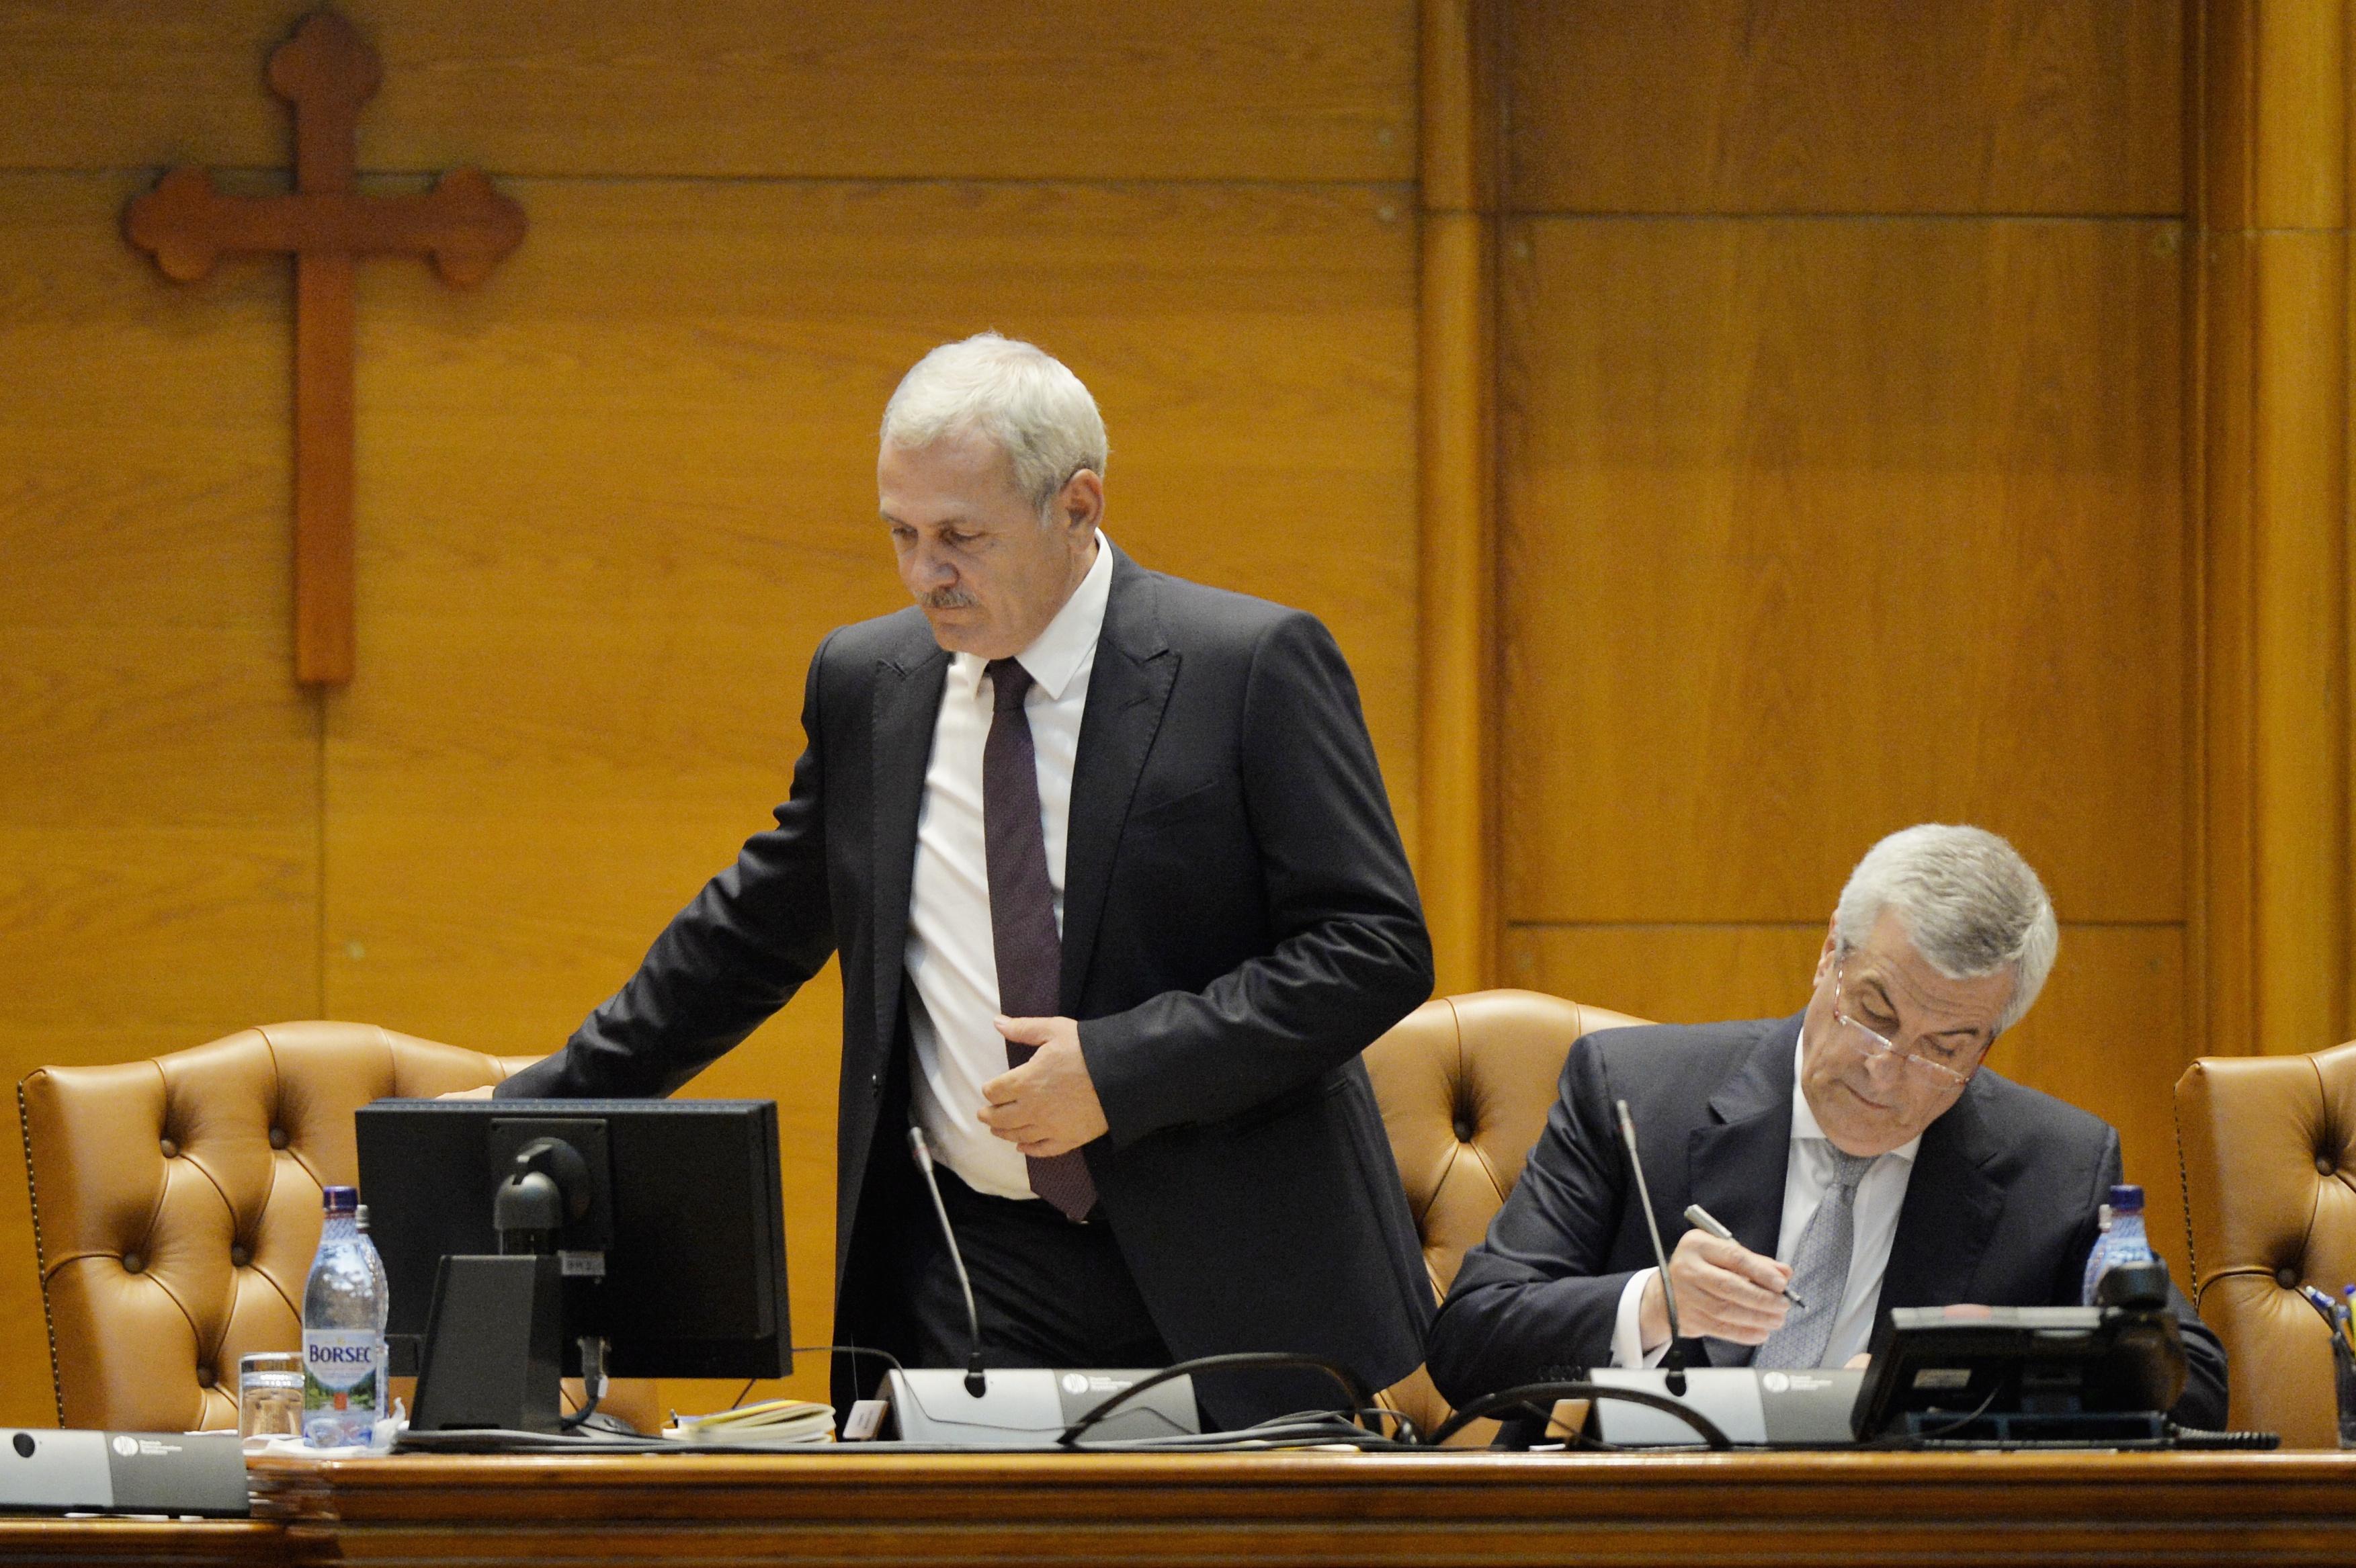 Dosarul FERMA de porci Salcia   Marian Drăgulescu, procurorul care l-a trimis în judecată pe Ilie Dragne, se mută la DNA